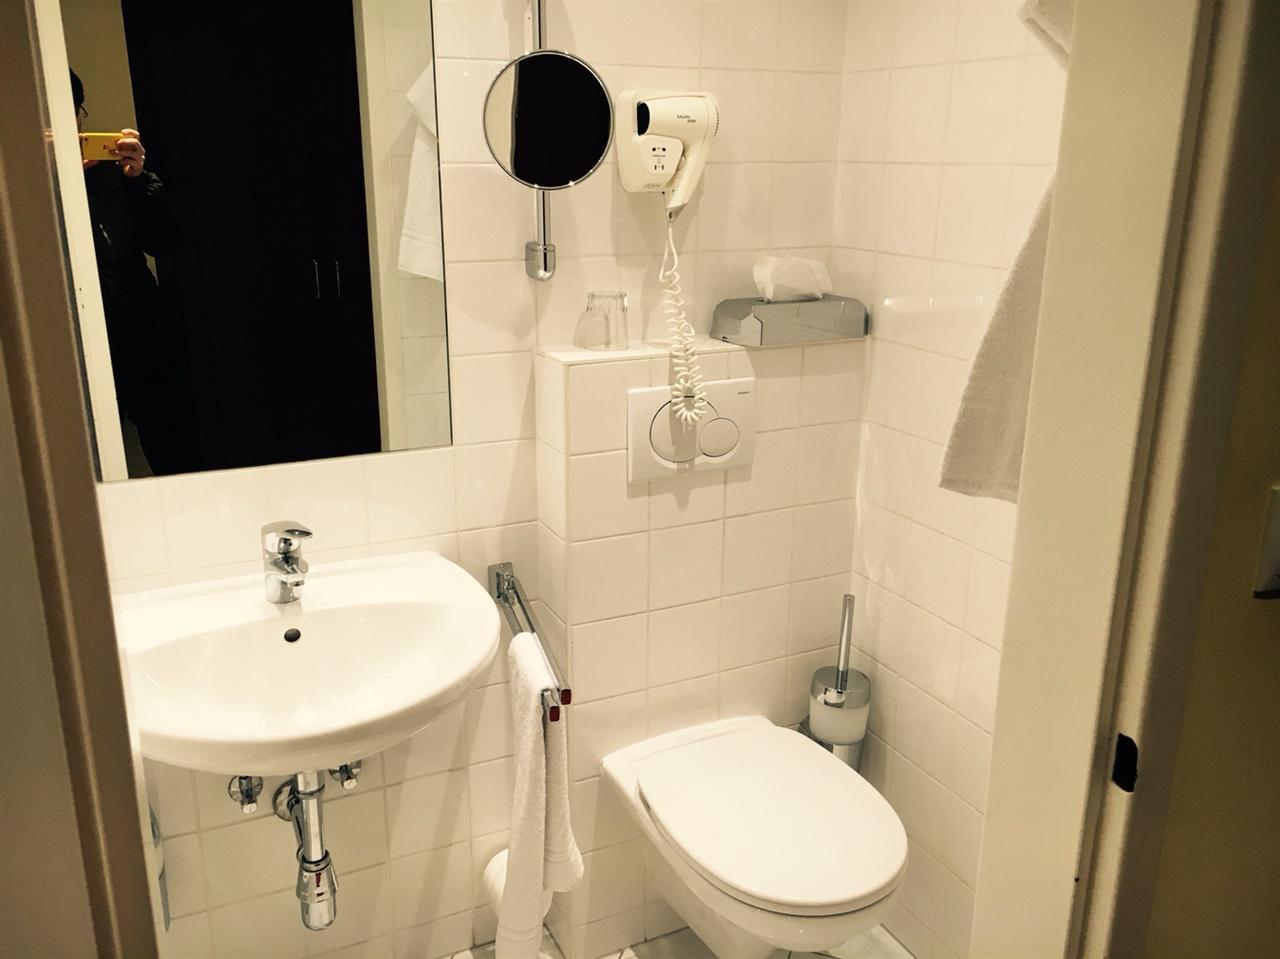 프린츠 오이겐 호텔 욕실의 모습